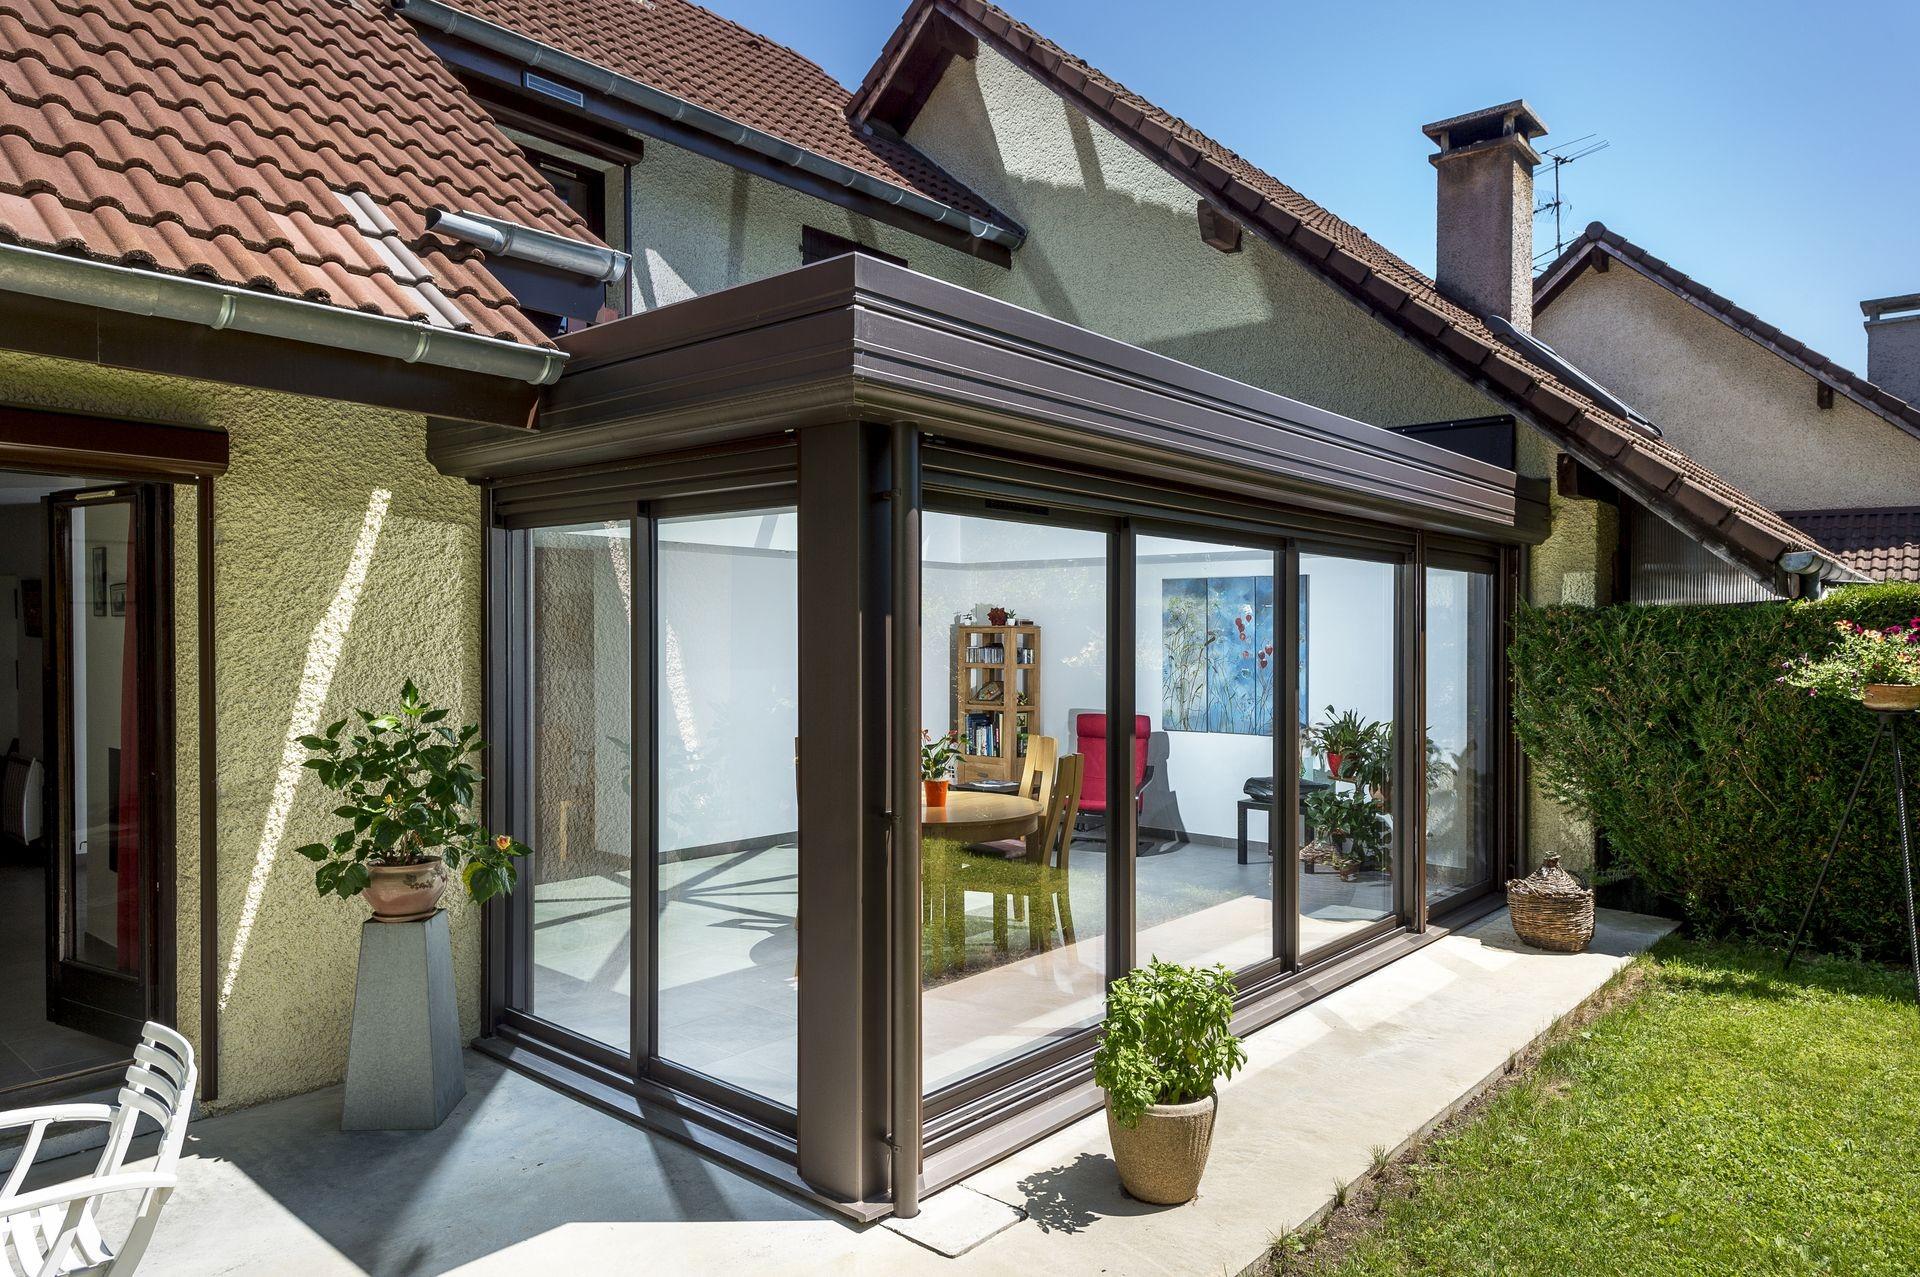 extension à toiture plate - Actuel Veranda